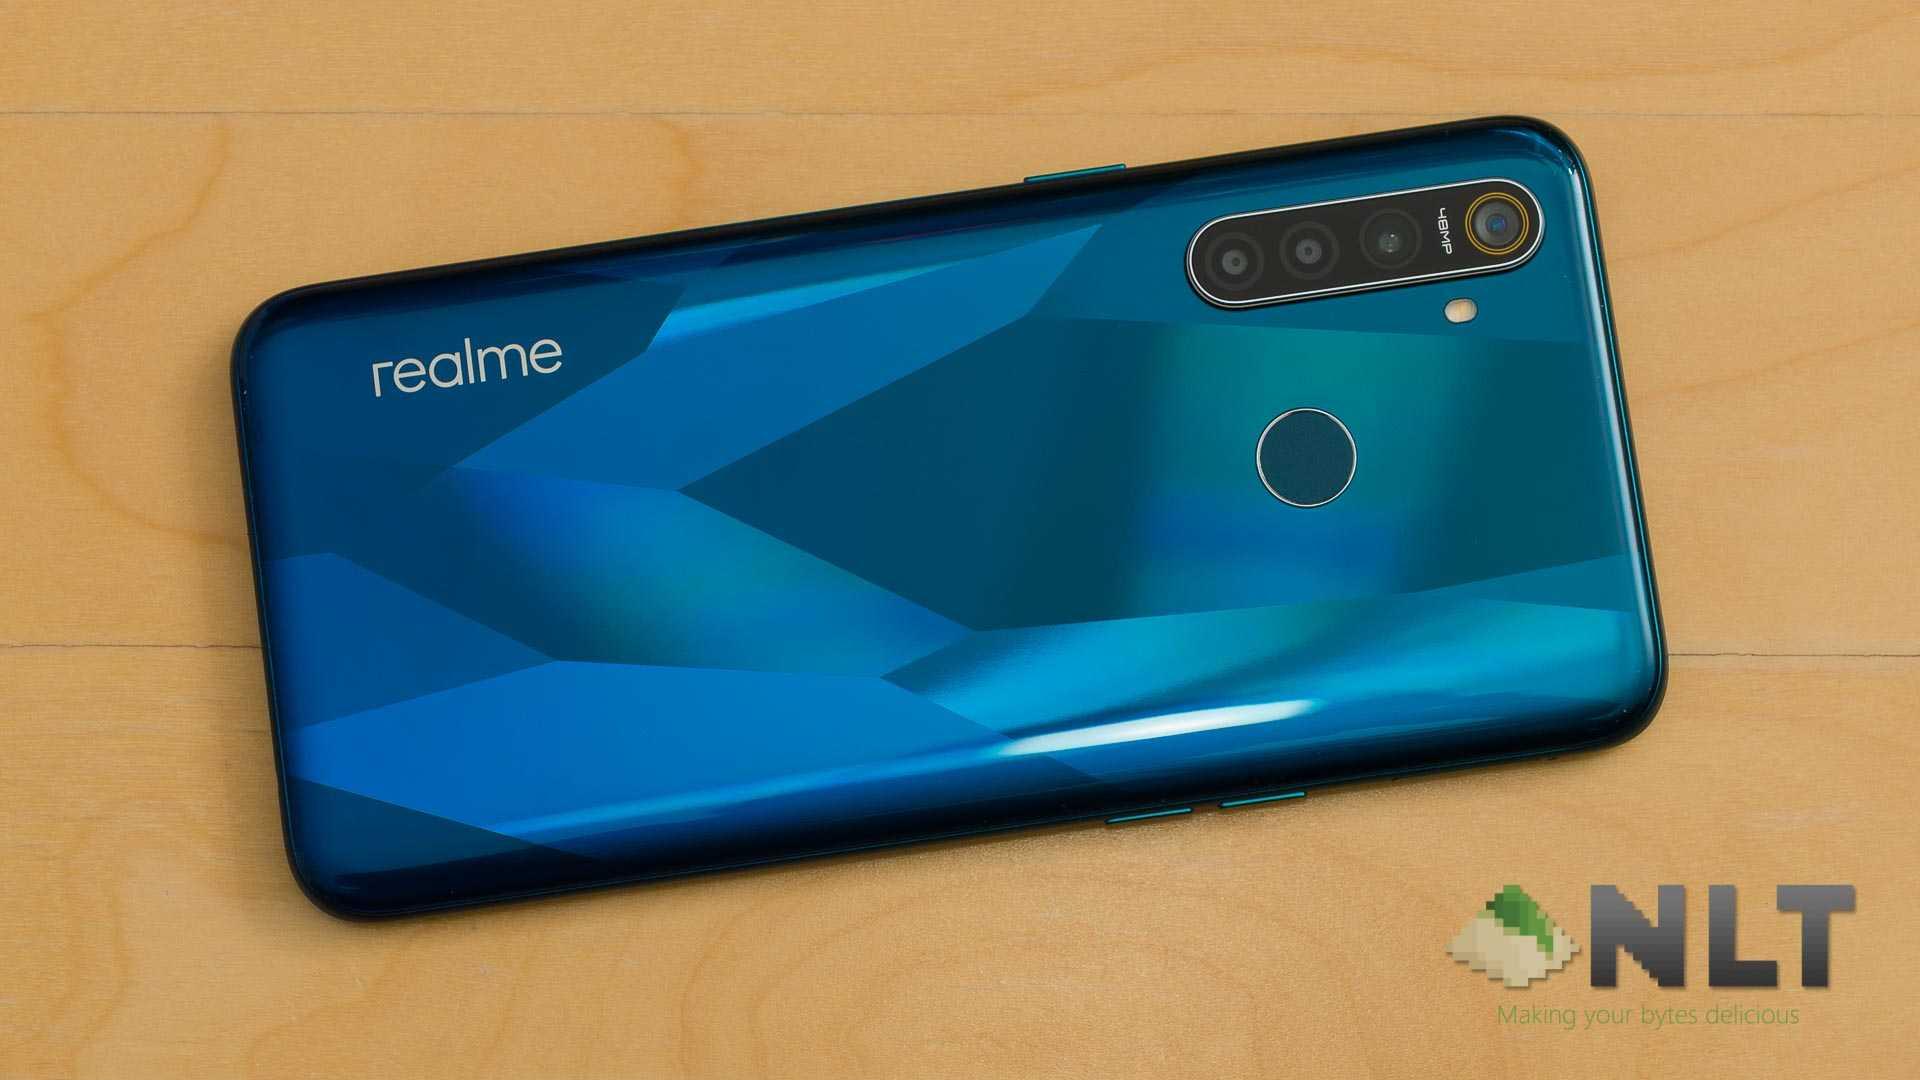 Недавно сообщалось что суббрен компании OPPO намерен представить новый смартфон и новинку уже обнаружили на просторах TENAA Устройство прошло сертификацию под кодовым